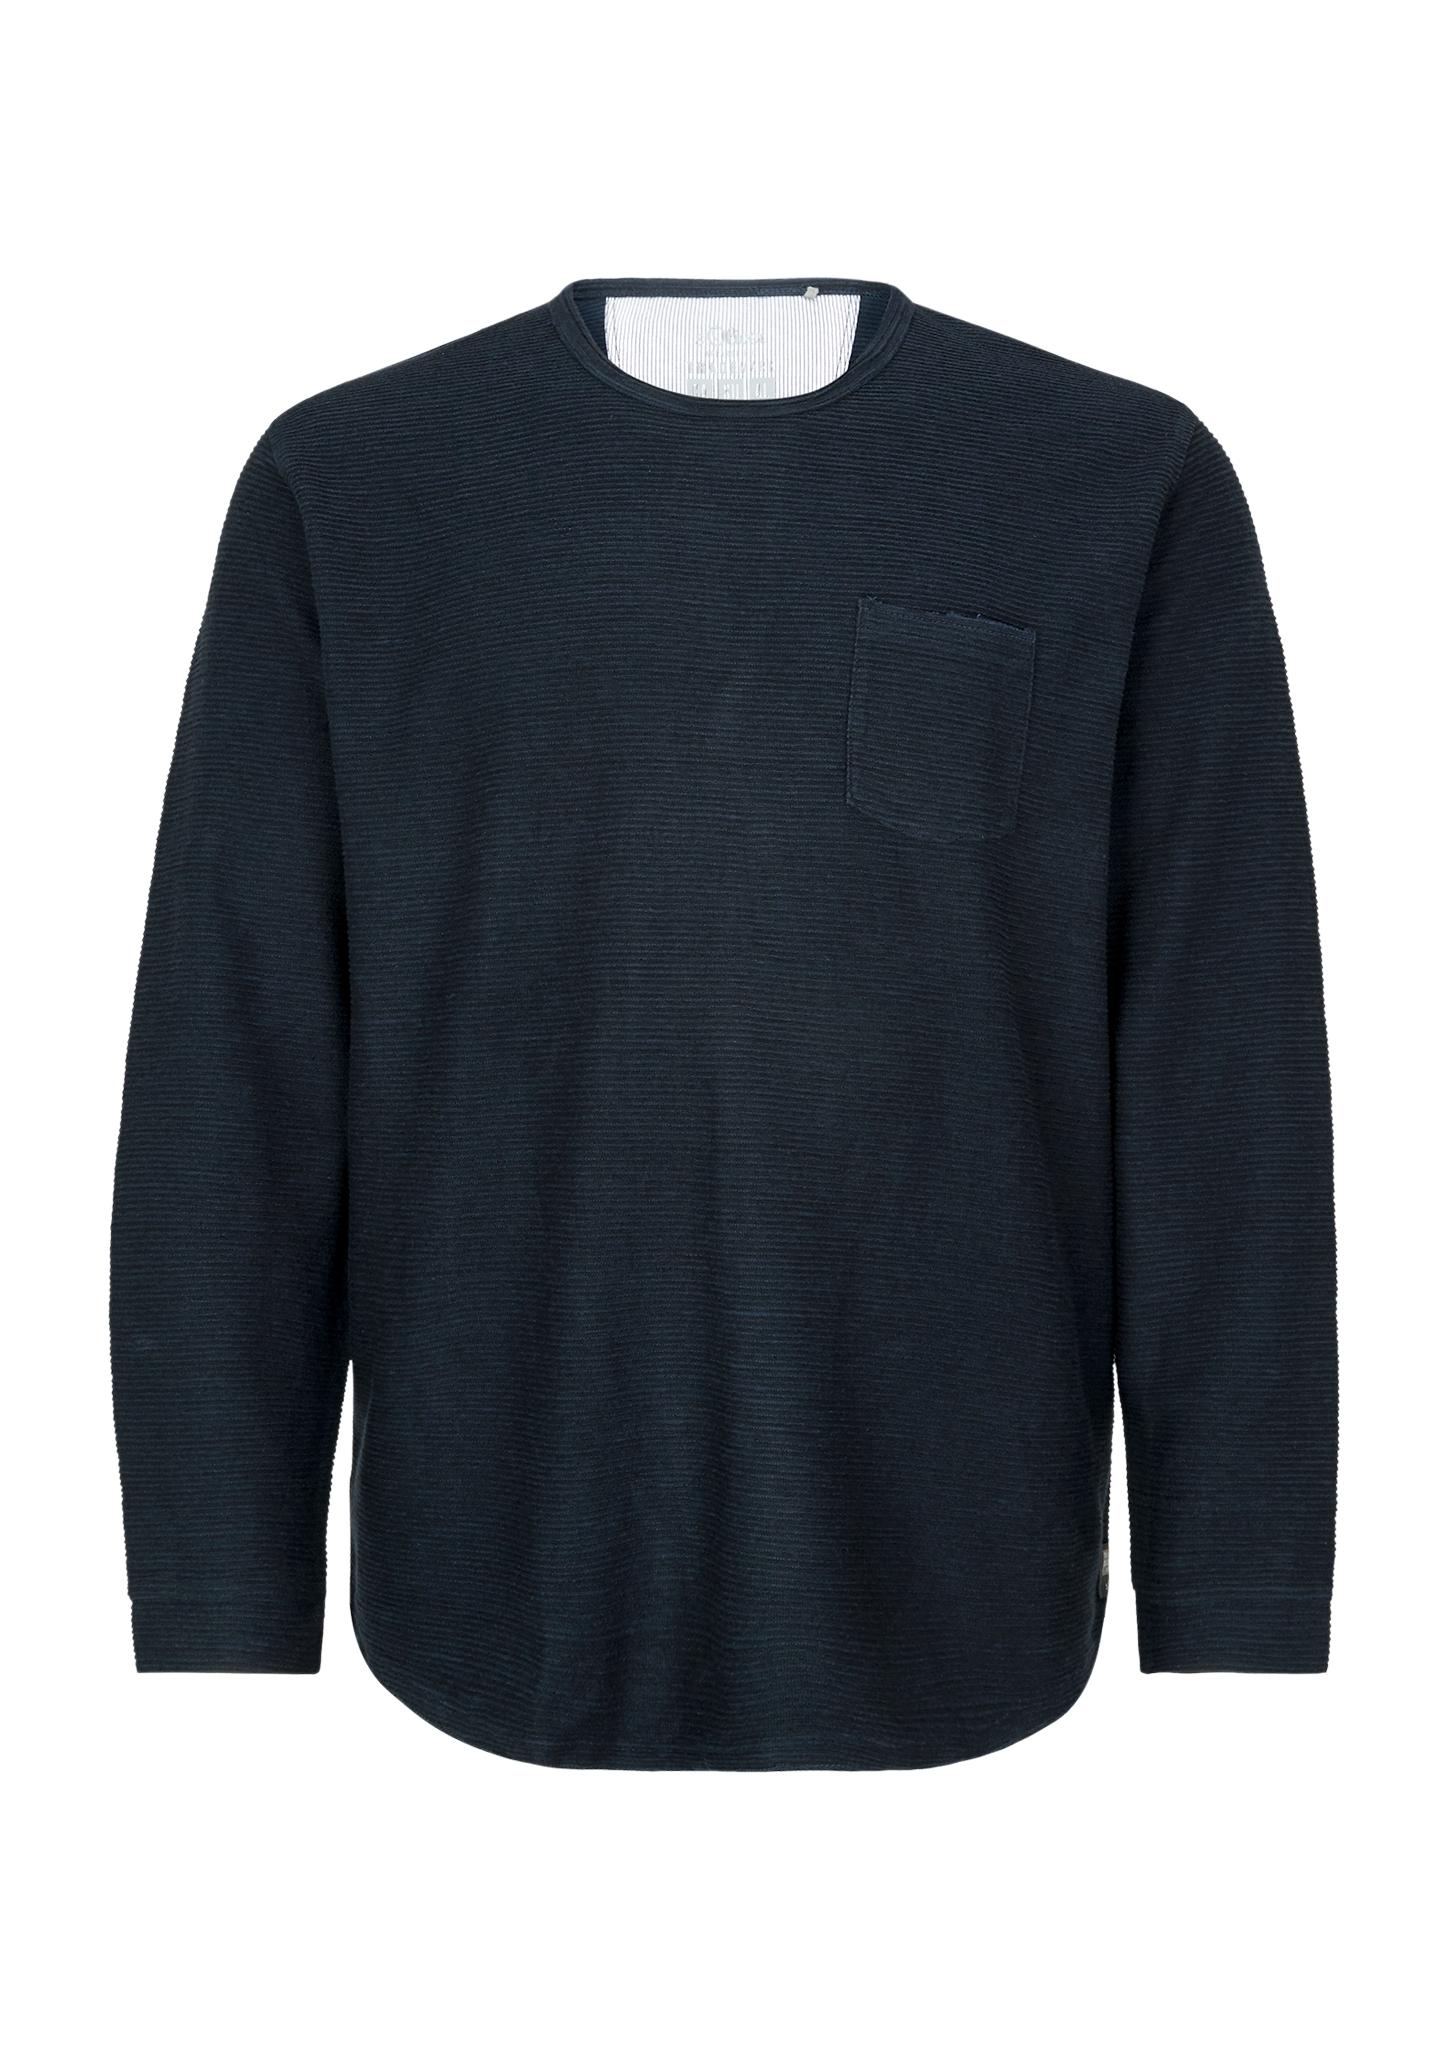 Langarmshirt | Bekleidung > Shirts > Langarm Shirts | Blau | 88% baumwolle -  12% polyester | s.Oliver Men Big Sizes